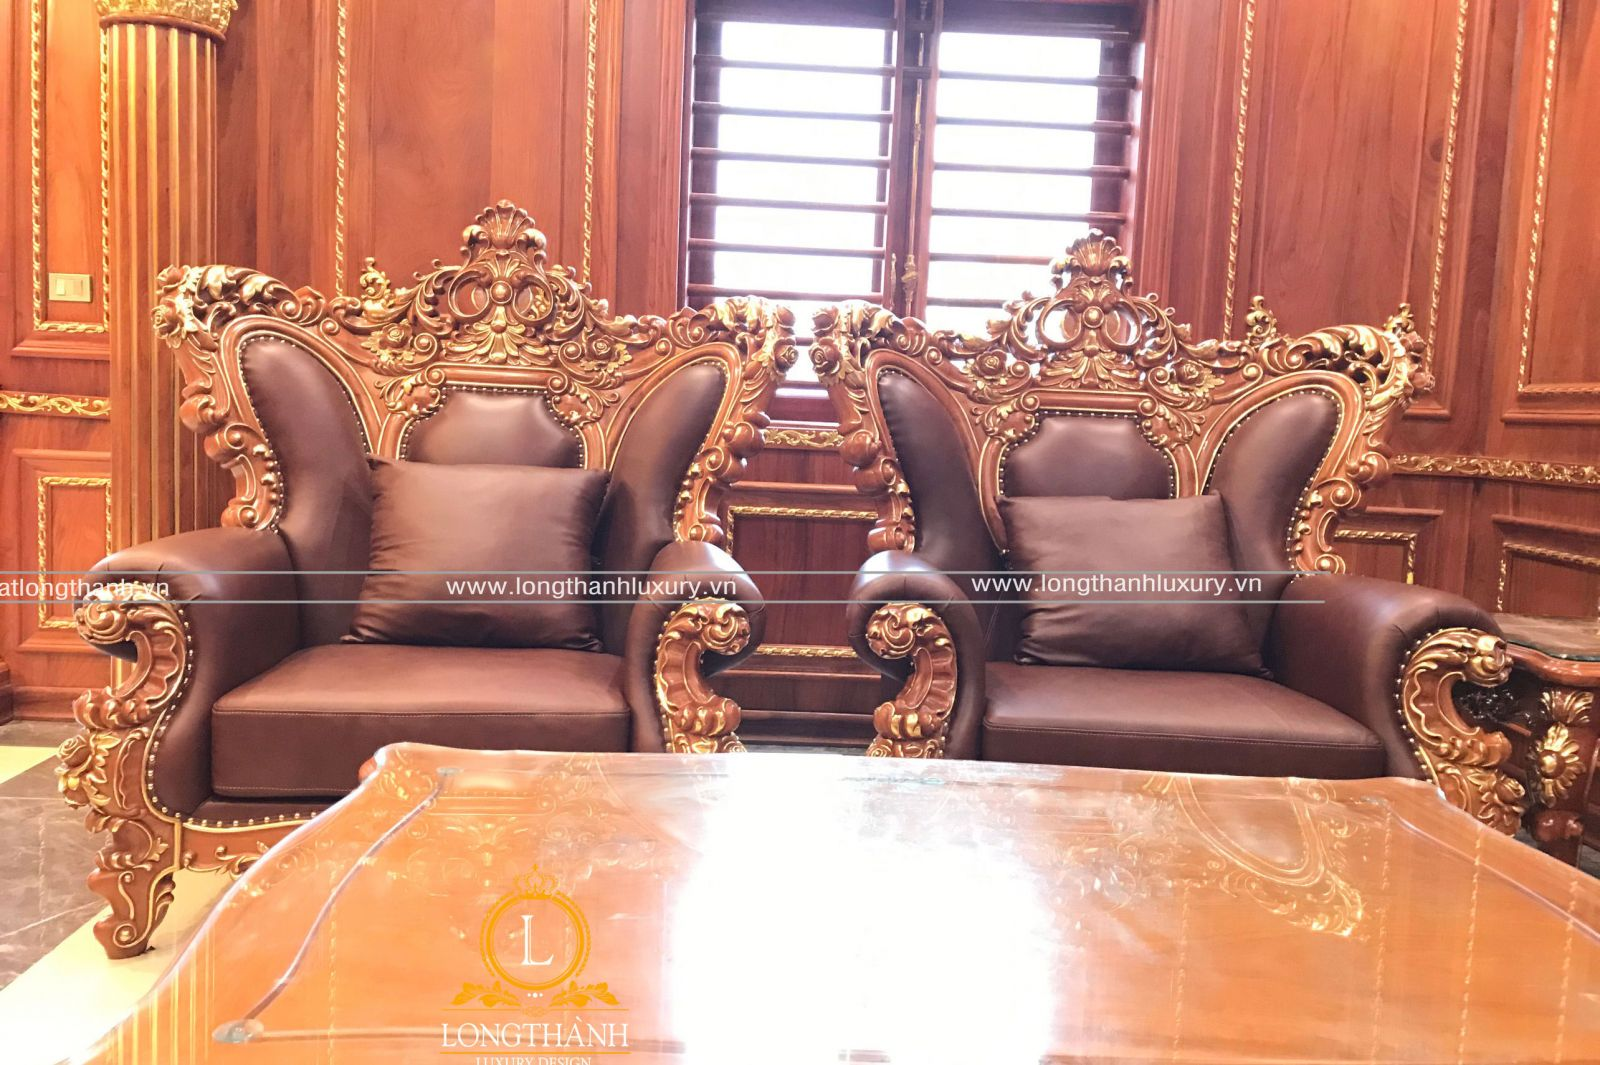 Mẫu sofa dát vàng sang trọng được trưng bày tại showoom tạo ấn tượng mạnh cho khách hàng